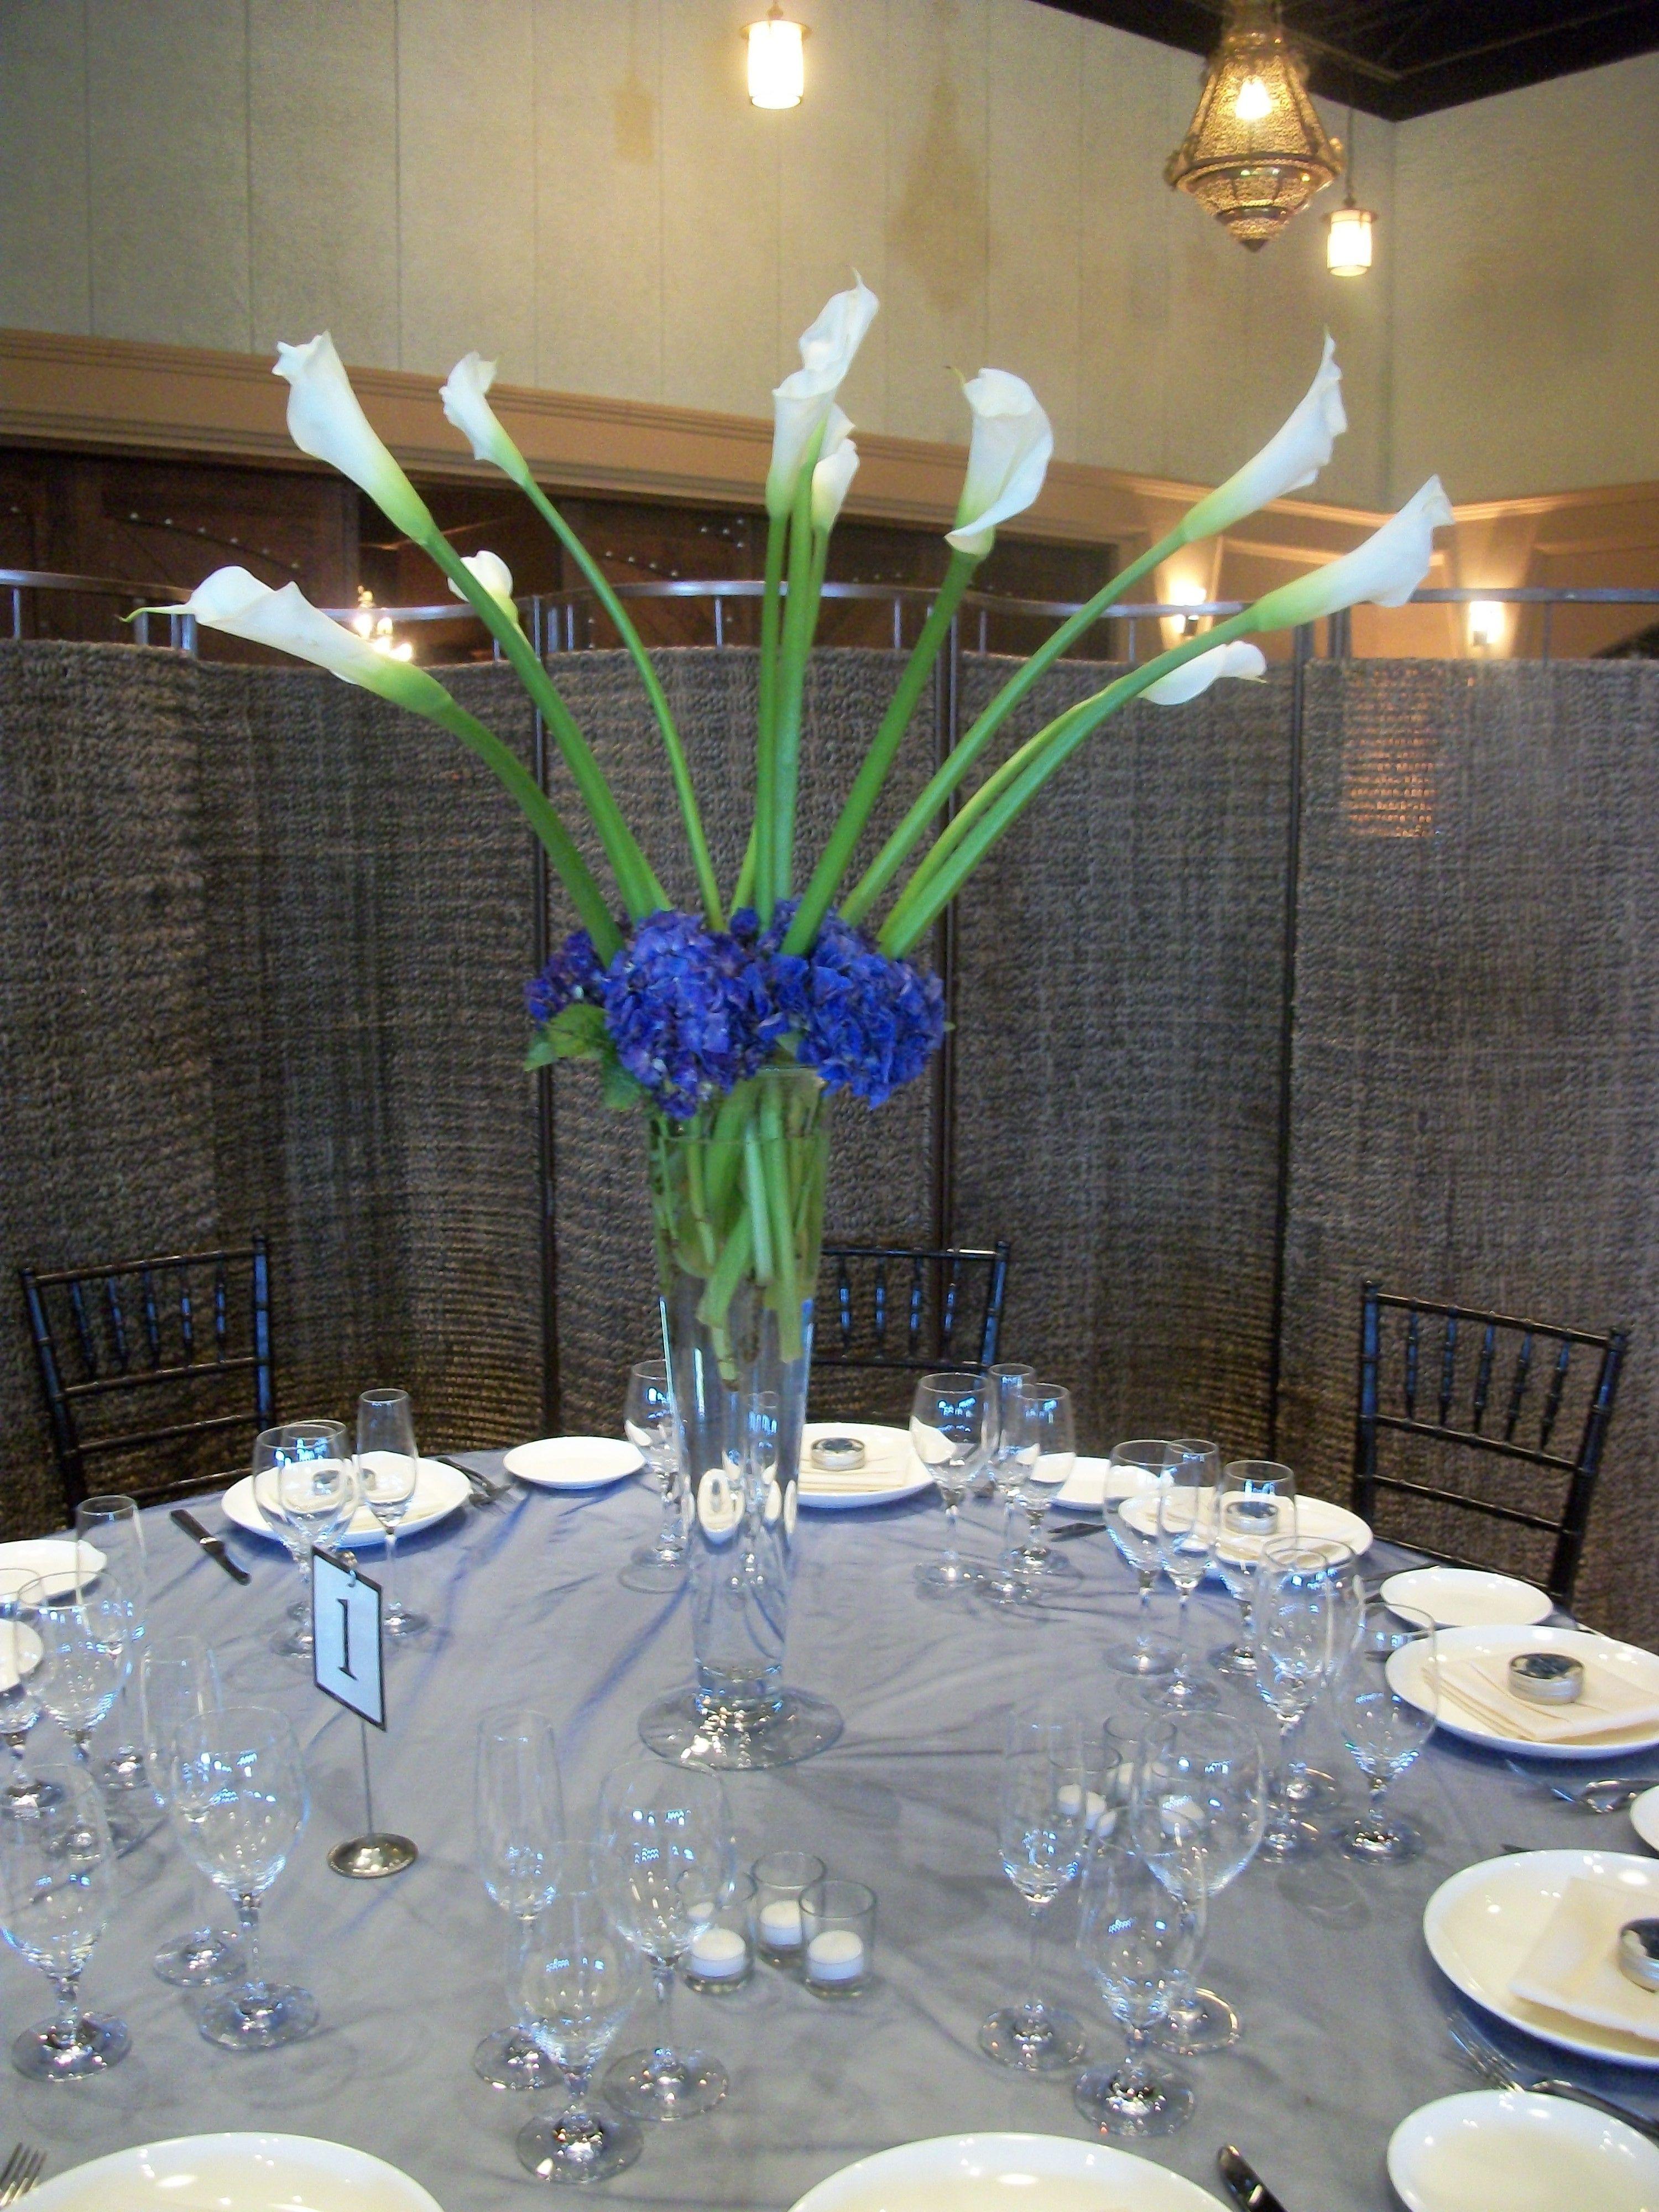 Marvelous Dark Blue Hydrangea Tall White Calla Lilies In Trumpet Vase Download Free Architecture Designs Scobabritishbridgeorg